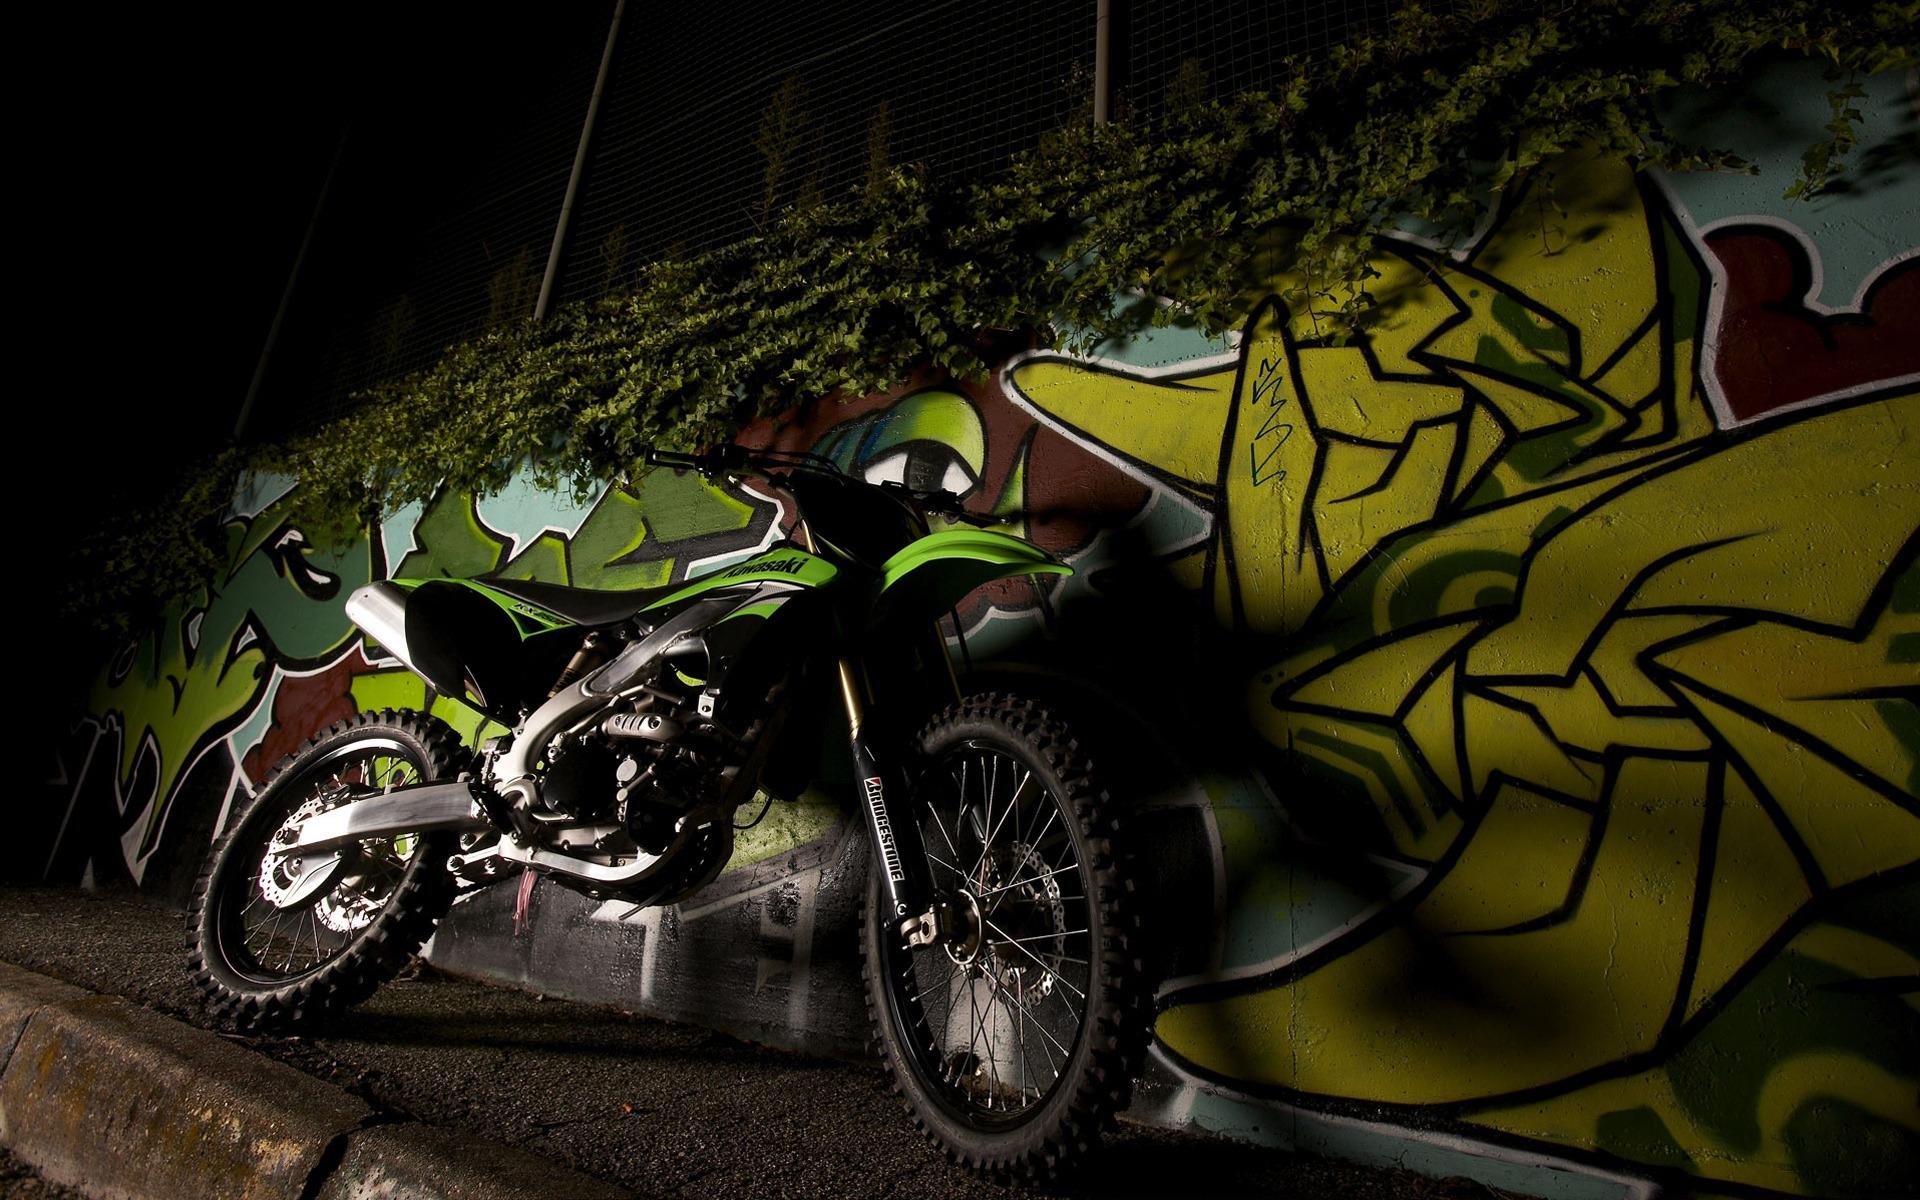 Awesome Kawasaki Wallpaper